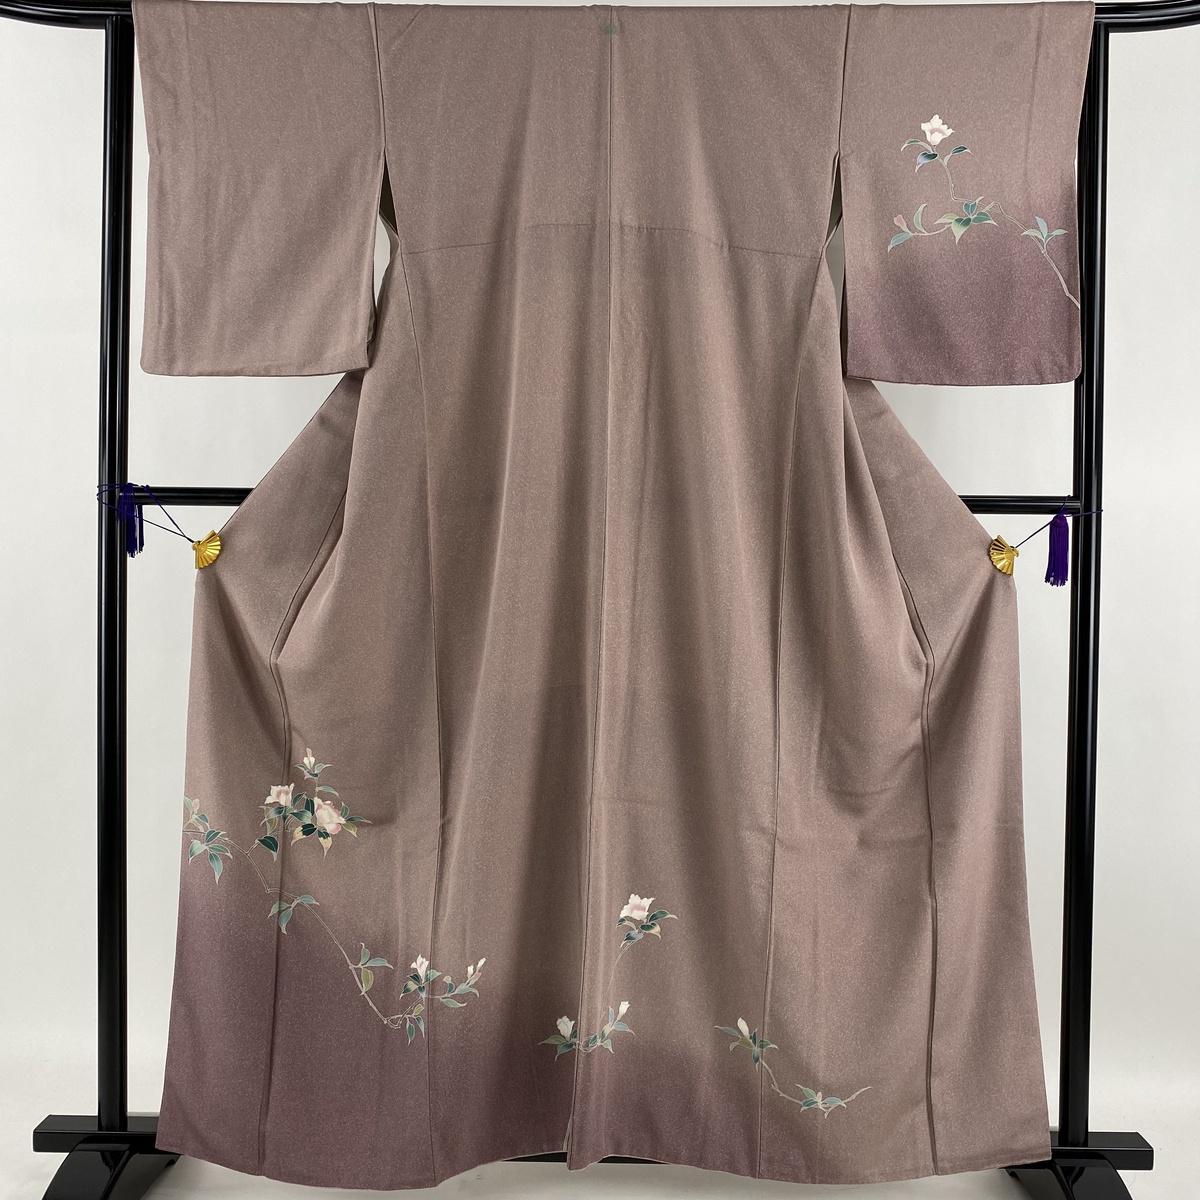 ランクS 着物 リサイクル 送料無料 訪問着 美品 爆売りセール開催中 秀品 一つ紋 枝花 薄紫 正絹 超特価SALE開催 裄丈64cm 中古 身丈160cm 裾ぼかし 袷 M